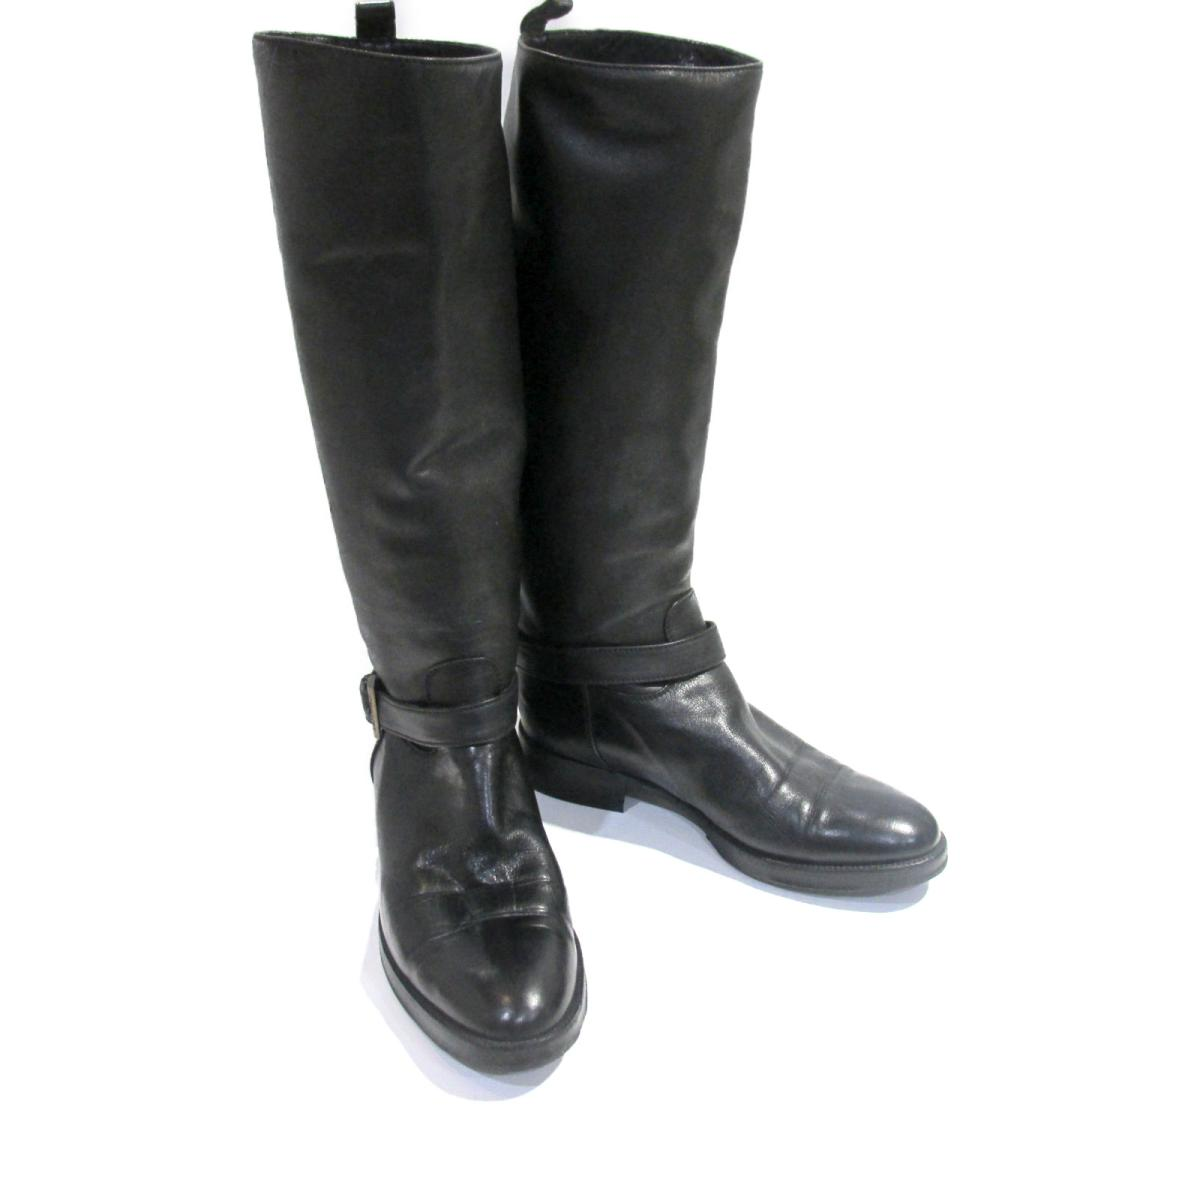 40%OFFの激安セール シャネル ブーツ ランクB ブランドオフ 爆買い送料無料 8 9から 最大2万円OFFクーポン 全品ポイント2倍 レザーレディース ブラック 中古 ブラック系 CHANEL ロングブーツ 靴